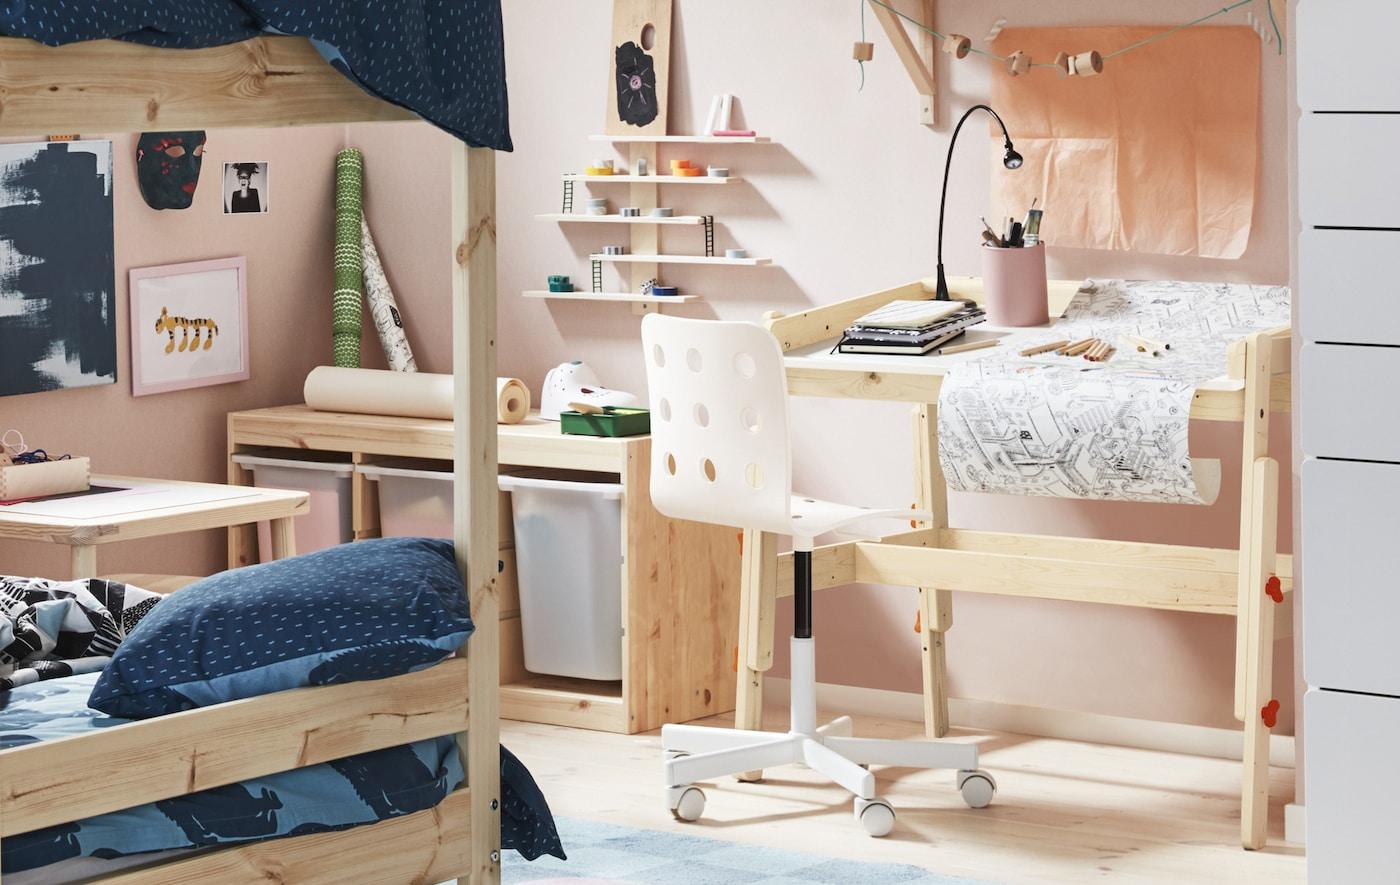 ห้องเด็กตกแต่ง/ทาสีชมพูอ่อนพร้อมเฟอร์นิเจอร์ไม้สีอ่อน รวมทั้งโต๊ะและเตียงสองชั้น